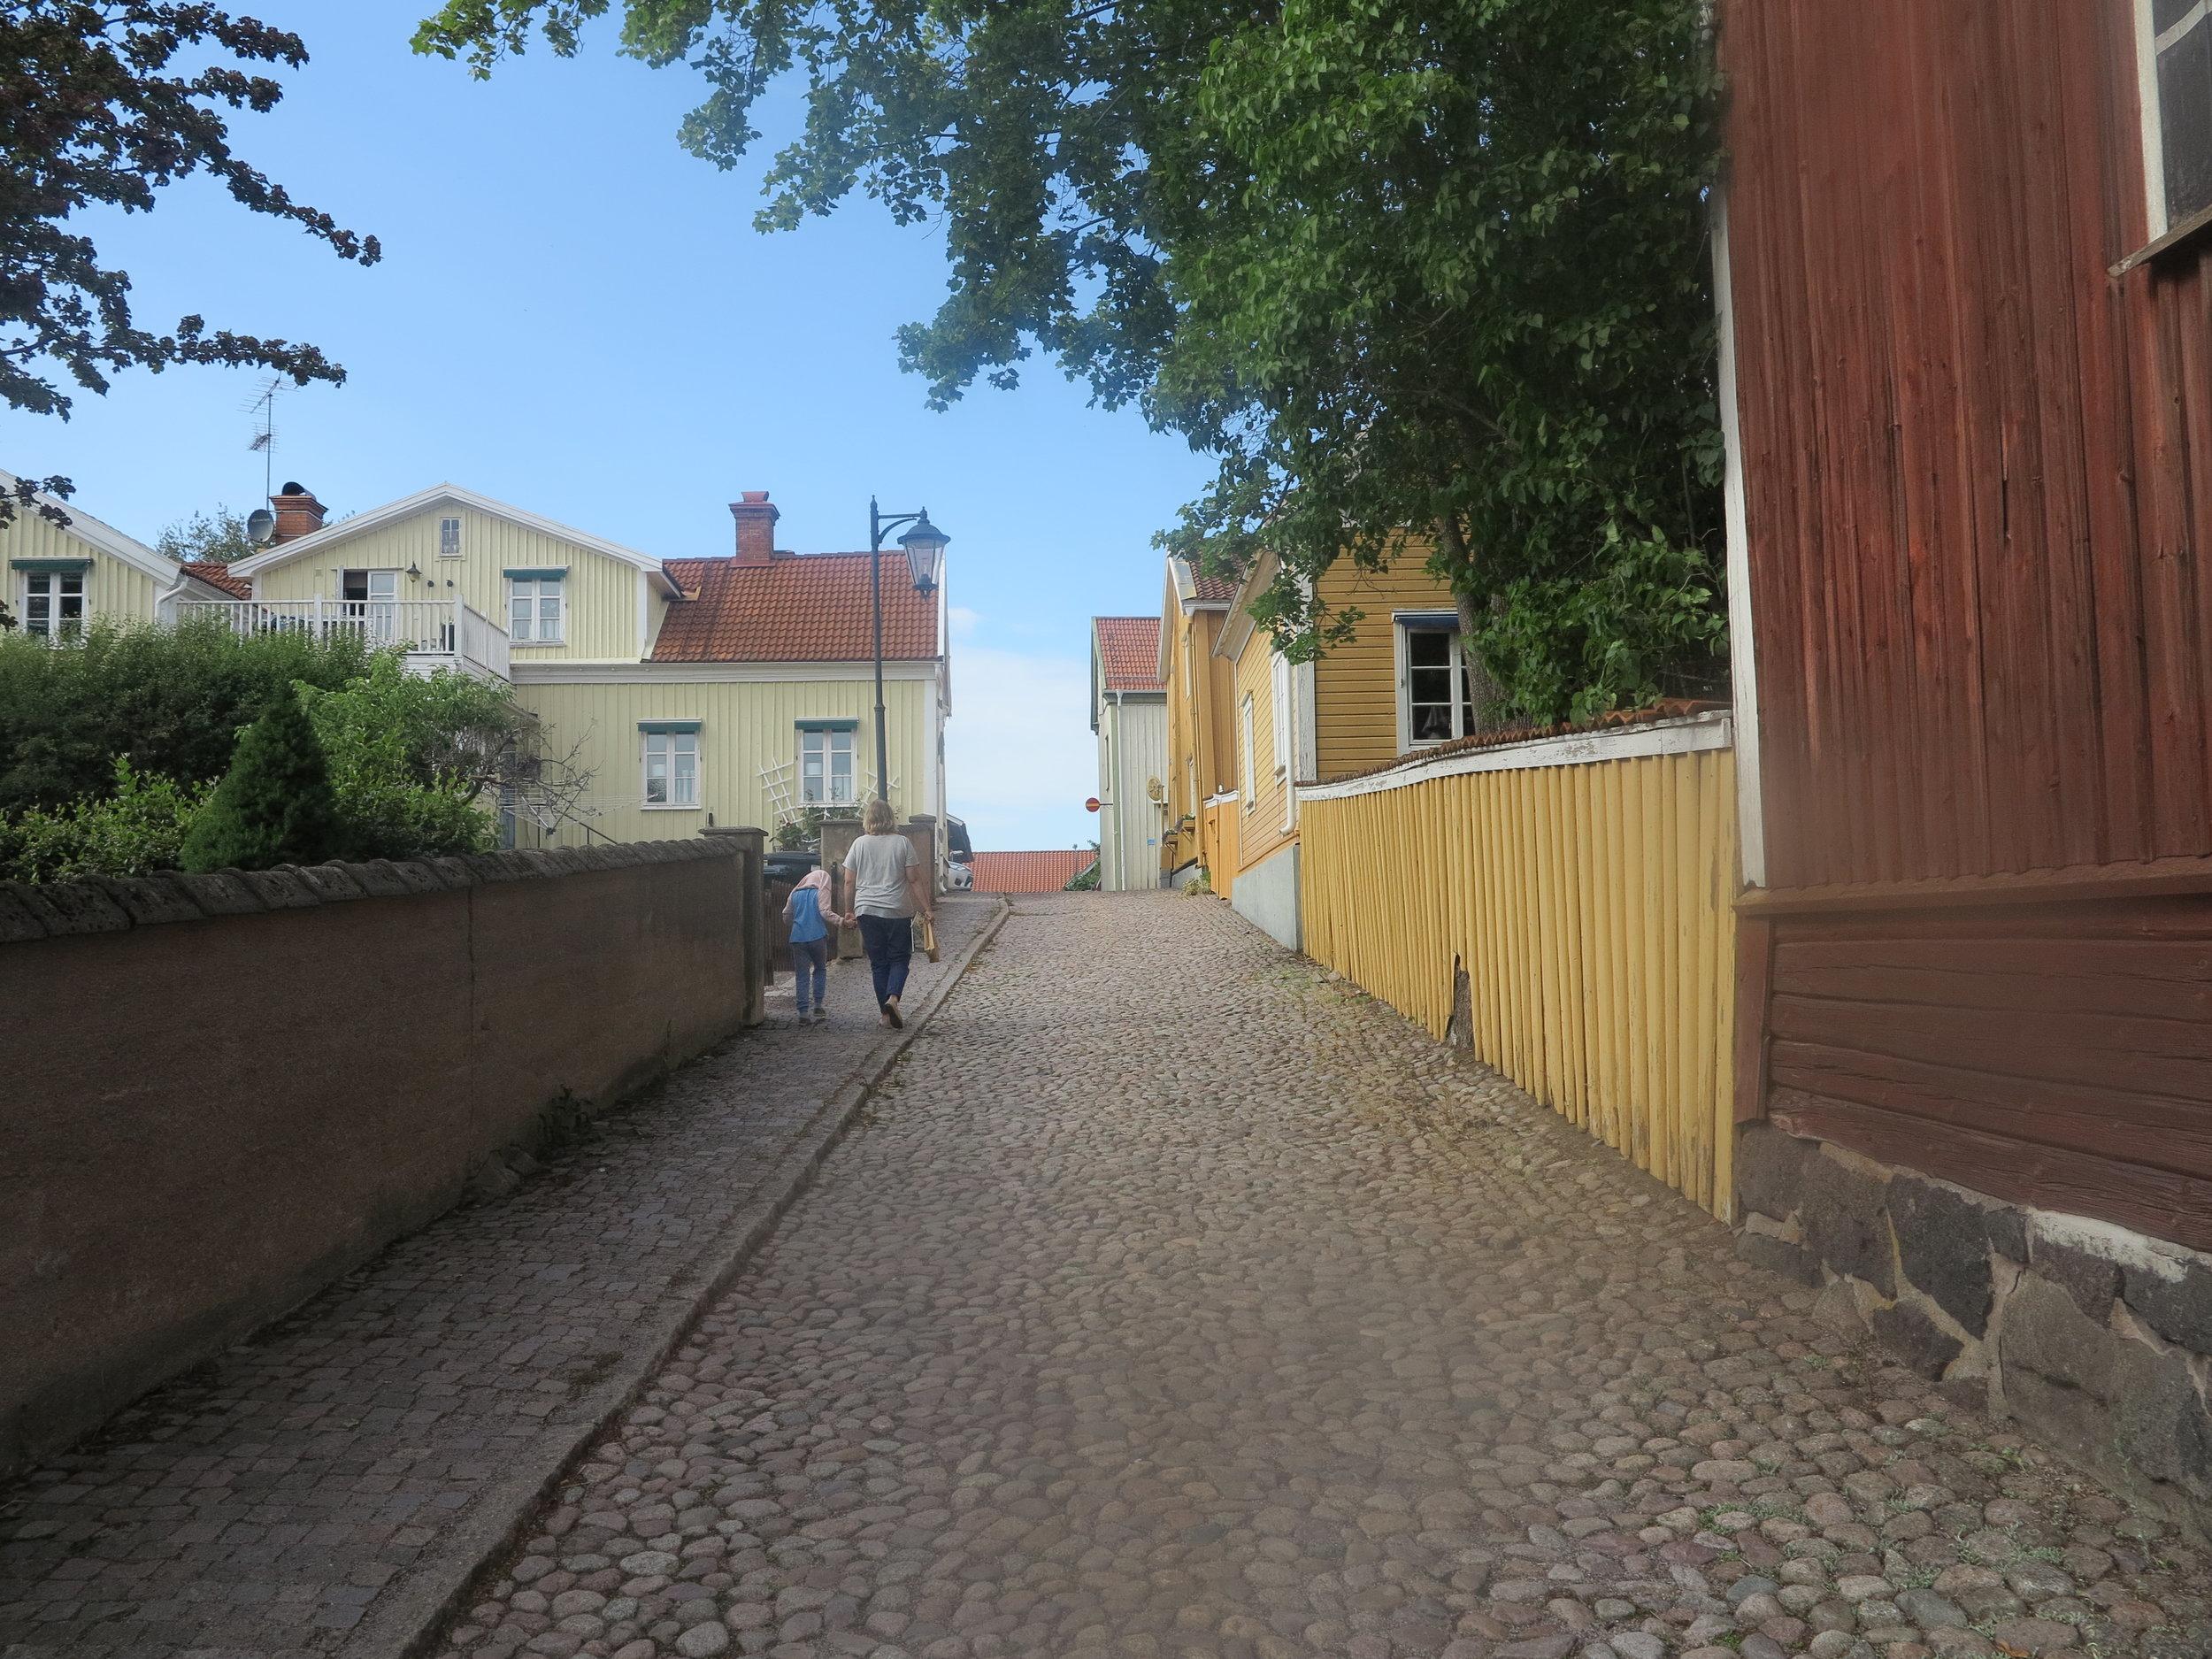 Idyllische Kopfsteinpflastergassen führen uns im Städtchen Vimmerby durch das Revier von Kalle Blomquist und seiner Bande